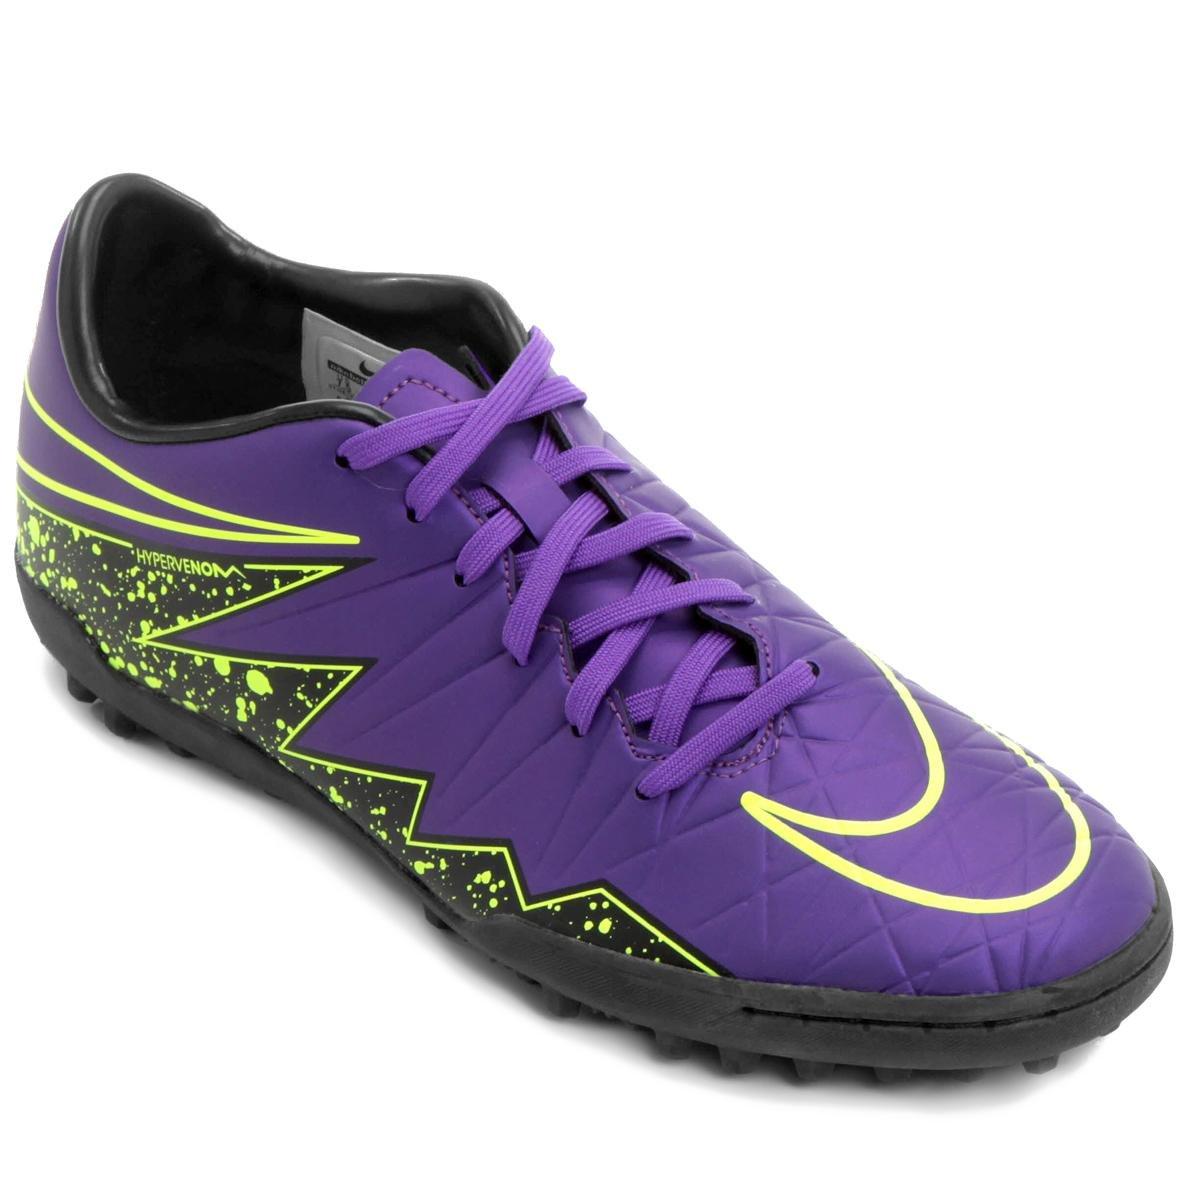 online retailer 70f9c ea3a8 Chuteira Society Nike Hypervenom Phelon 2 TF   Loja do Inter